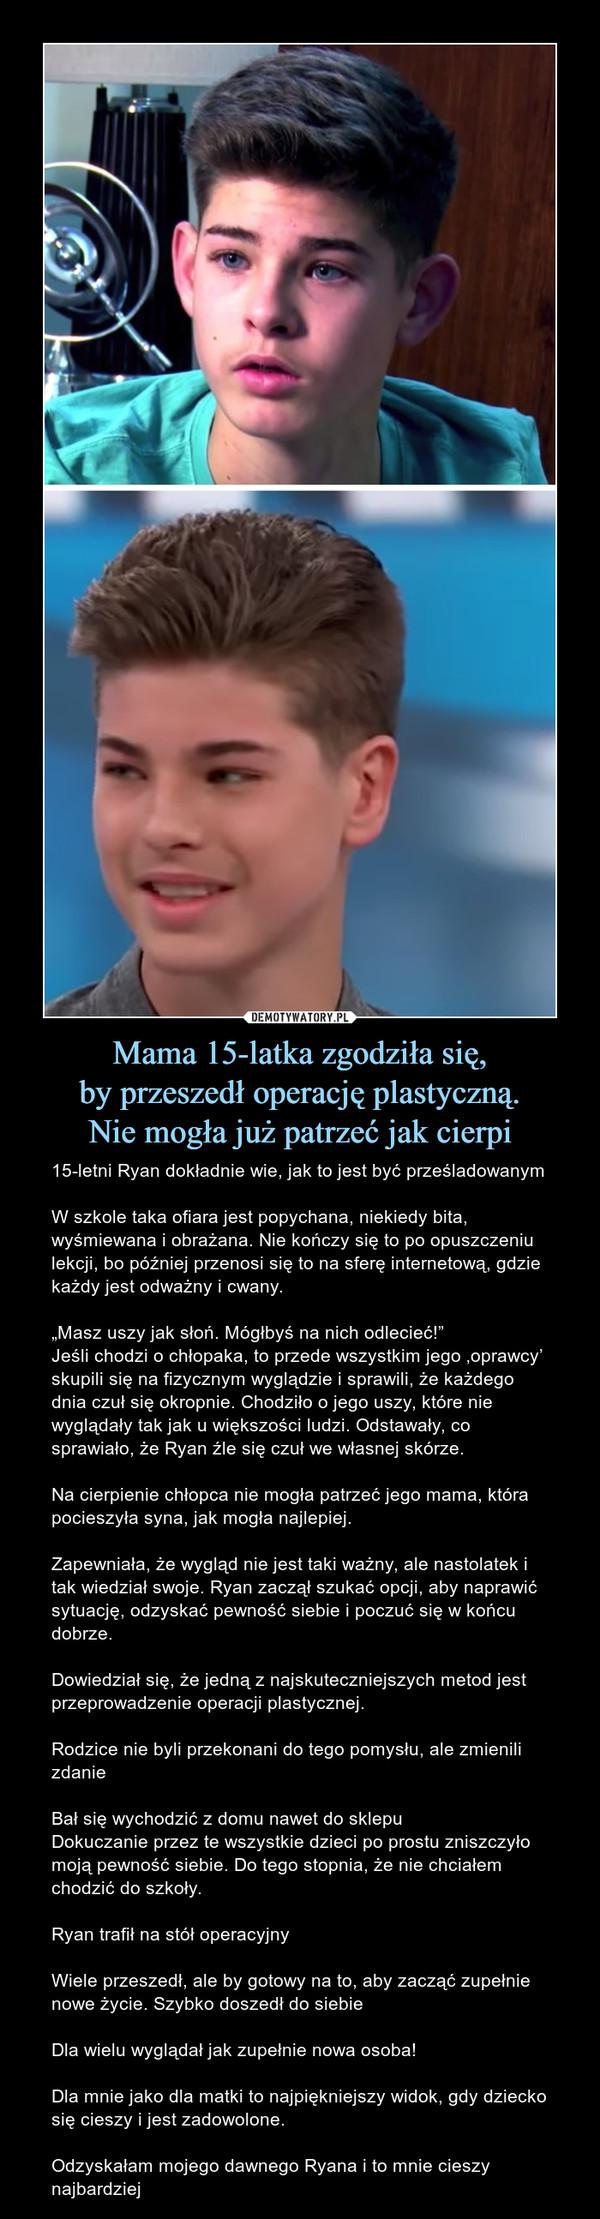 """Mama 15-latka zgodziła się,by przeszedł operację plastyczną.Nie mogła już patrzeć jak cierpi – 15-letni Ryan dokładnie wie, jak to jest być prześladowanymW szkole taka ofiara jest popychana, niekiedy bita, wyśmiewana i obrażana. Nie kończy się to po opuszczeniu lekcji, bo później przenosi się to na sferę internetową, gdzie każdy jest odważny i cwany.""""Masz uszy jak słoń. Mógłbyś na nich odlecieć!""""Jeśli chodzi o chłopaka, to przede wszystkim jego 'oprawcy' skupili się na fizycznym wyglądzie i sprawili, że każdego dnia czuł się okropnie. Chodziło o jego uszy, które nie wyglądały tak jak u większości ludzi. Odstawały, co sprawiało, że Ryan źle się czuł we własnej skórze.Na cierpienie chłopca nie mogła patrzeć jego mama, która pocieszyła syna, jak mogła najlepiej. Zapewniała, że wygląd nie jest taki ważny, ale nastolatek i tak wiedział swoje. Ryan zaczął szukać opcji, aby naprawić sytuację, odzyskać pewność siebie i poczuć się w końcu dobrze. Dowiedział się, że jedną z najskuteczniejszych metod jest przeprowadzenie operacji plastycznej. Rodzice nie byli przekonani do tego pomysłu, ale zmienili zdanieBał się wychodzić z domu nawet do sklepuDokuczanie przez te wszystkie dzieci po prostu zniszczyło moją pewność siebie. Do tego stopnia, że nie chciałem chodzić do szkoły.Ryan trafił na stół operacyjnyWiele przeszedł, ale by gotowy na to, aby zacząć zupełnie nowe życie. Szybko doszedł do siebieDla wielu wyglądał jak zupełnie nowa osoba!Dla mnie jako dla matki to najpiękniejszy widok, gdy dziecko się cieszy i jest zadowolone. Odzyskałam mojego dawnego Ryana i to mnie cieszy najbardziej"""